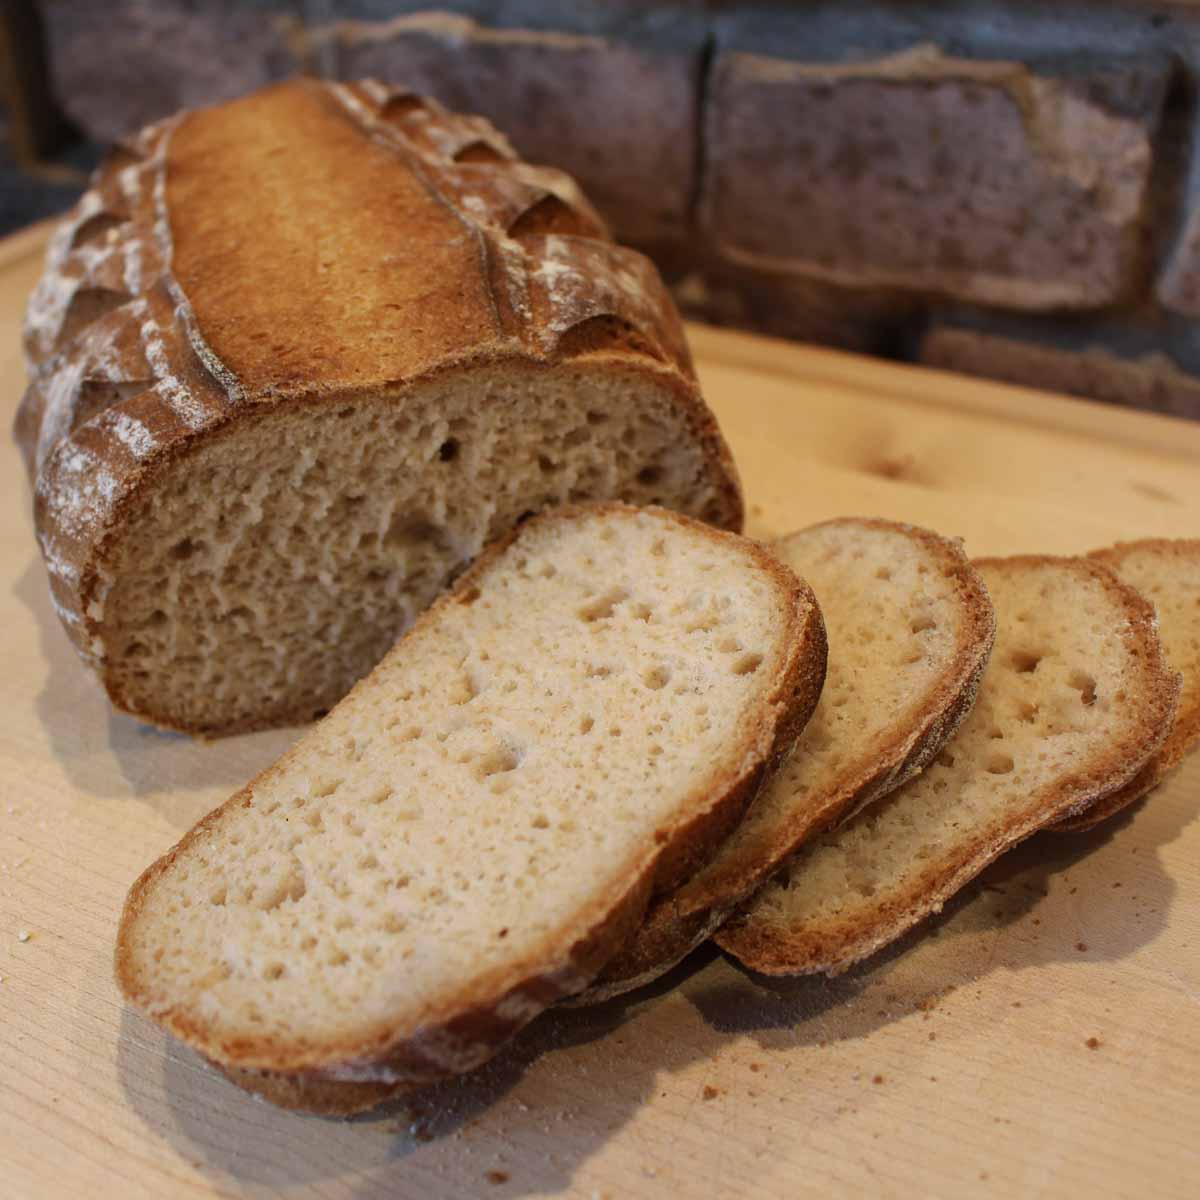 Glutenfreies Brot von Glutenfreie Heimat-3